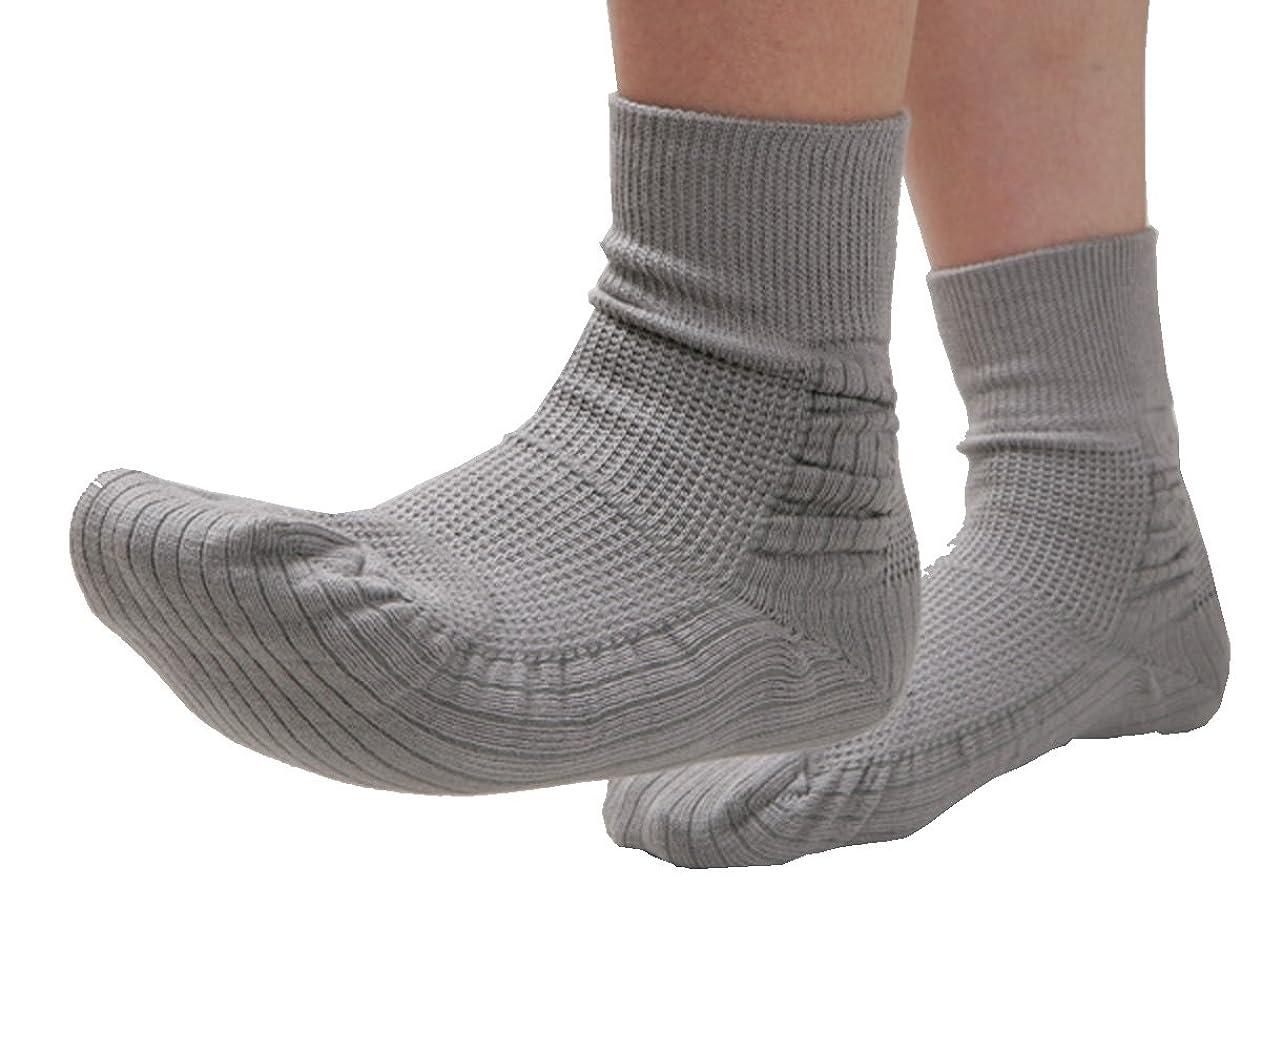 任命無許可お転倒予防靴下つま先アップ(コーポレーションパールスター?広島大学開発商品)